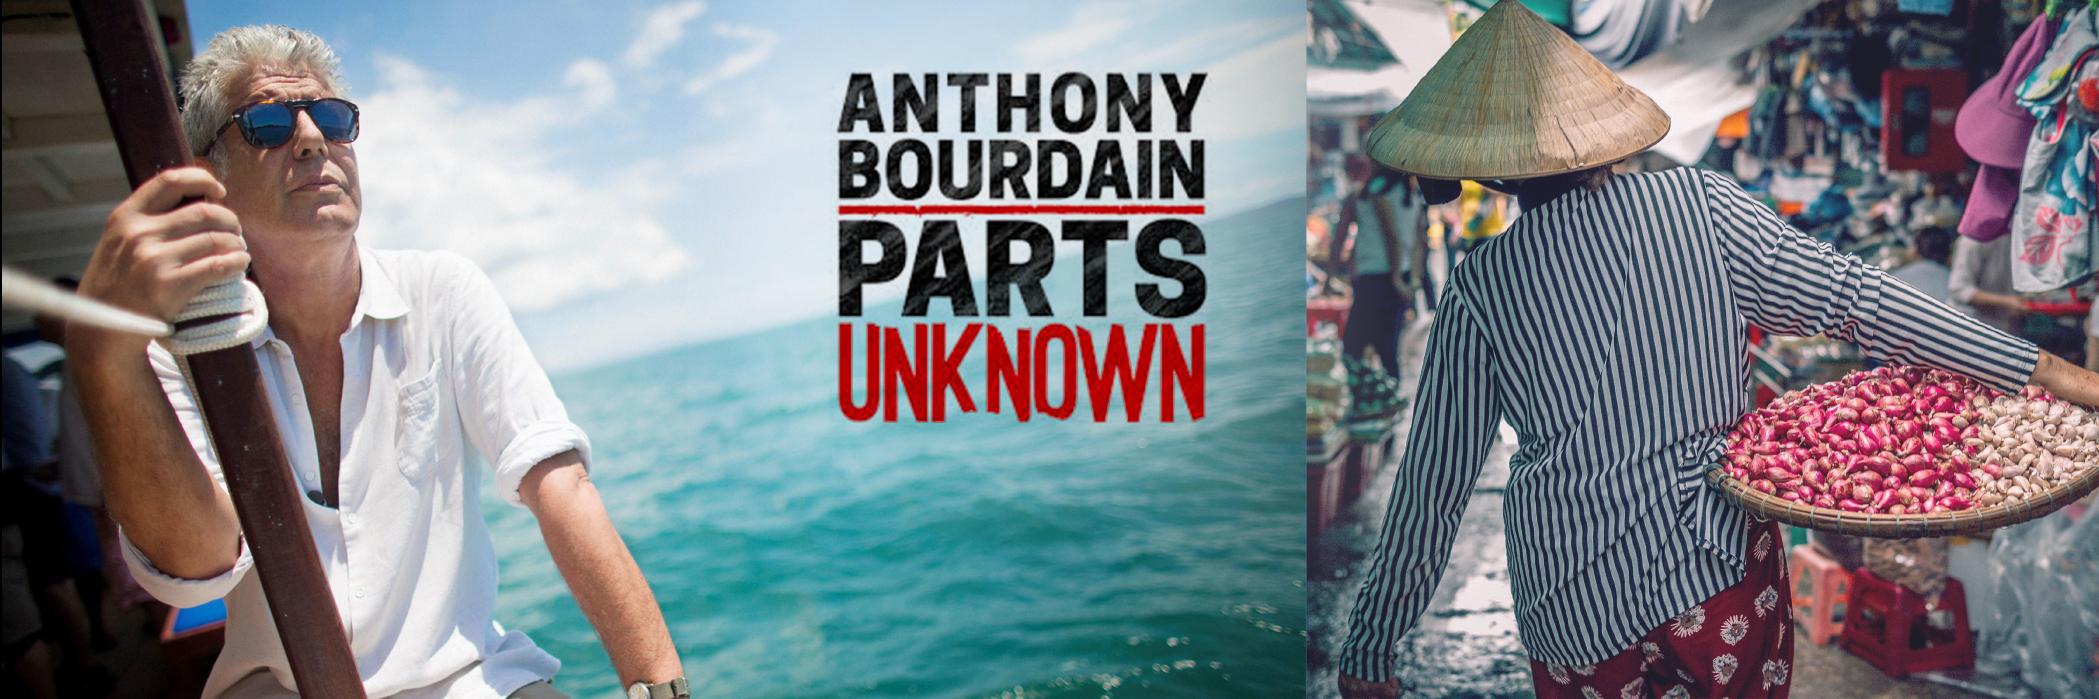 Anthony Bourdain: Parts Unknown on Netflix